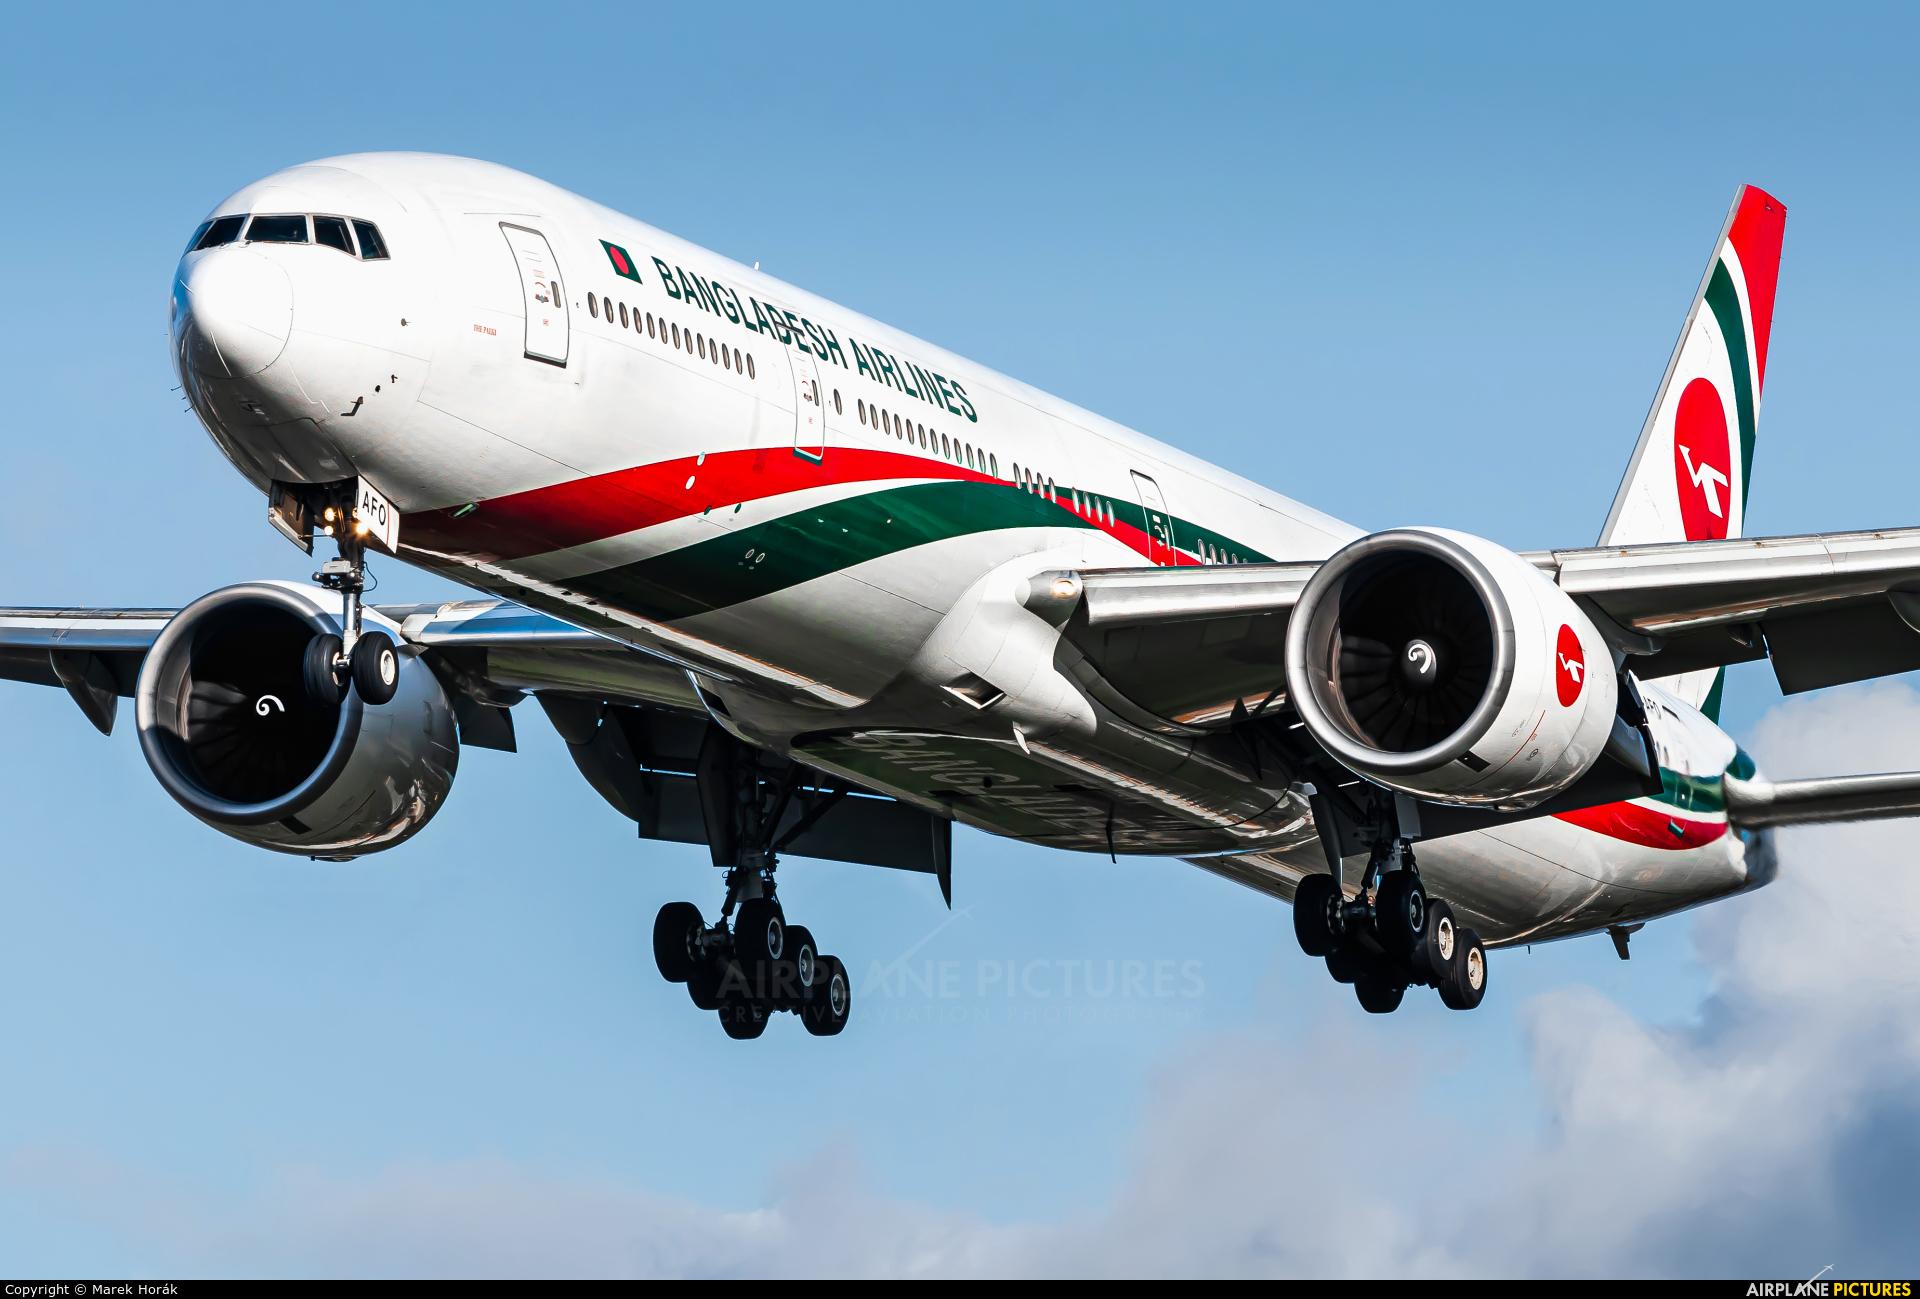 Biman Bangladesh S2-AFO aircraft at London - Heathrow